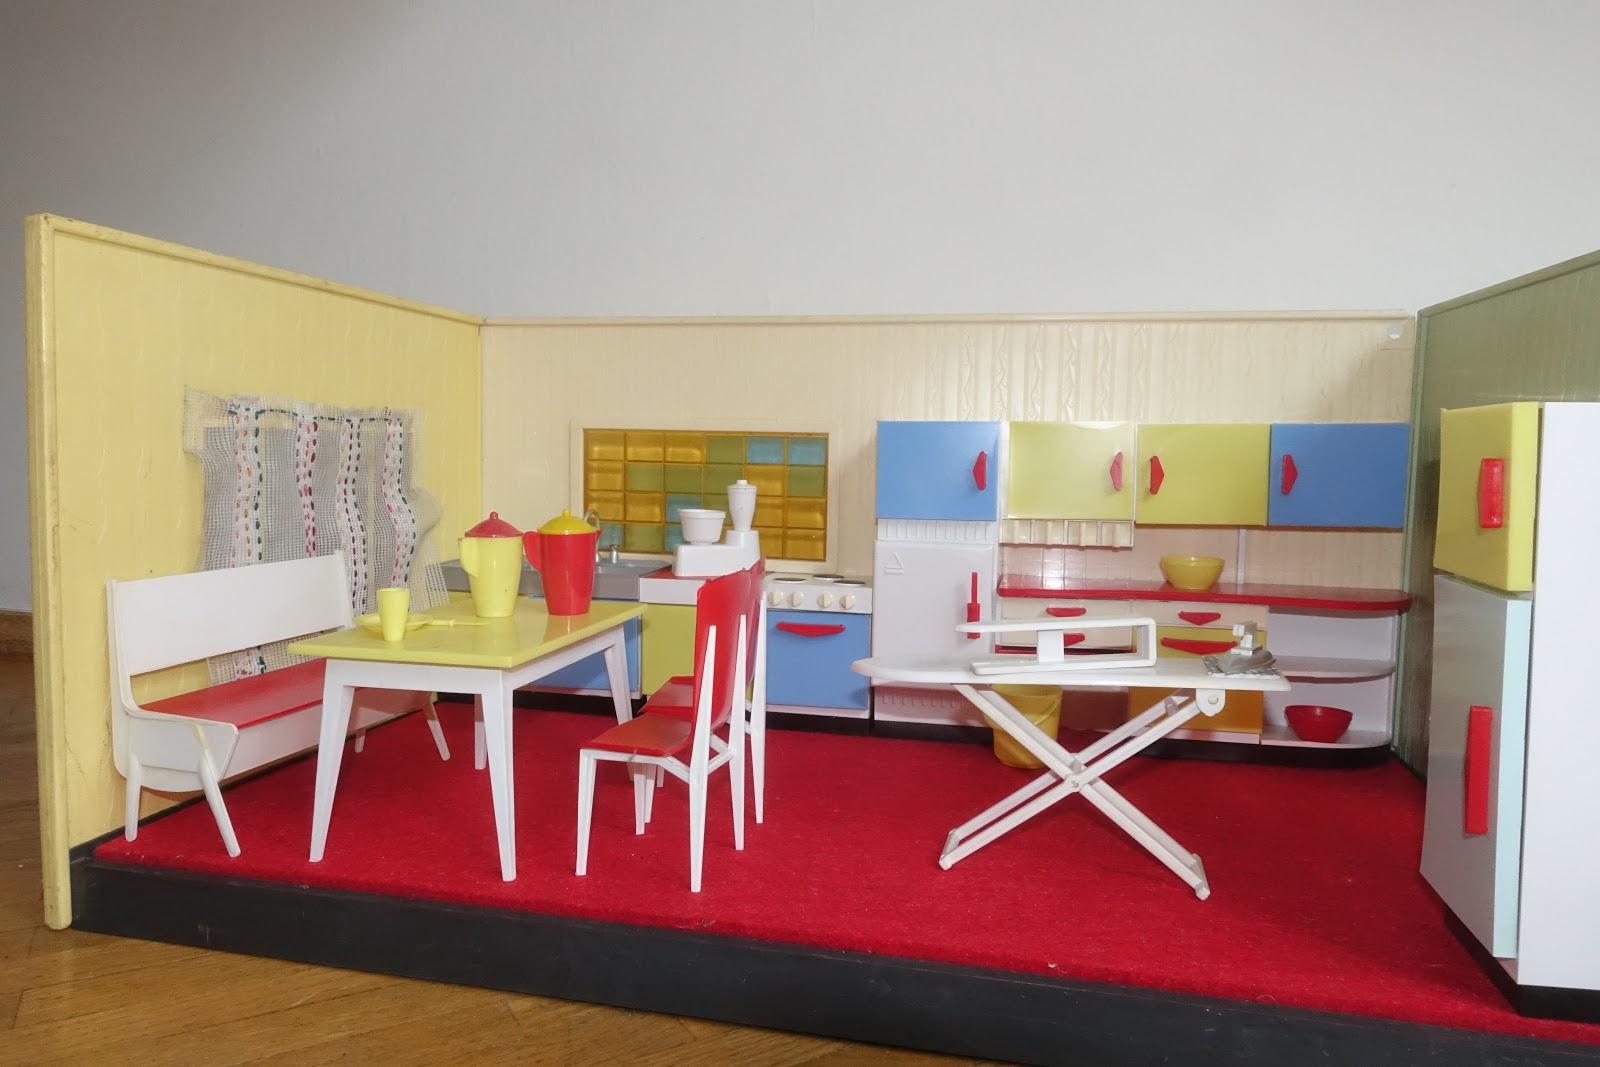 diepuppenstubensammlerin sechziger jahre modella sixties. Black Bedroom Furniture Sets. Home Design Ideas